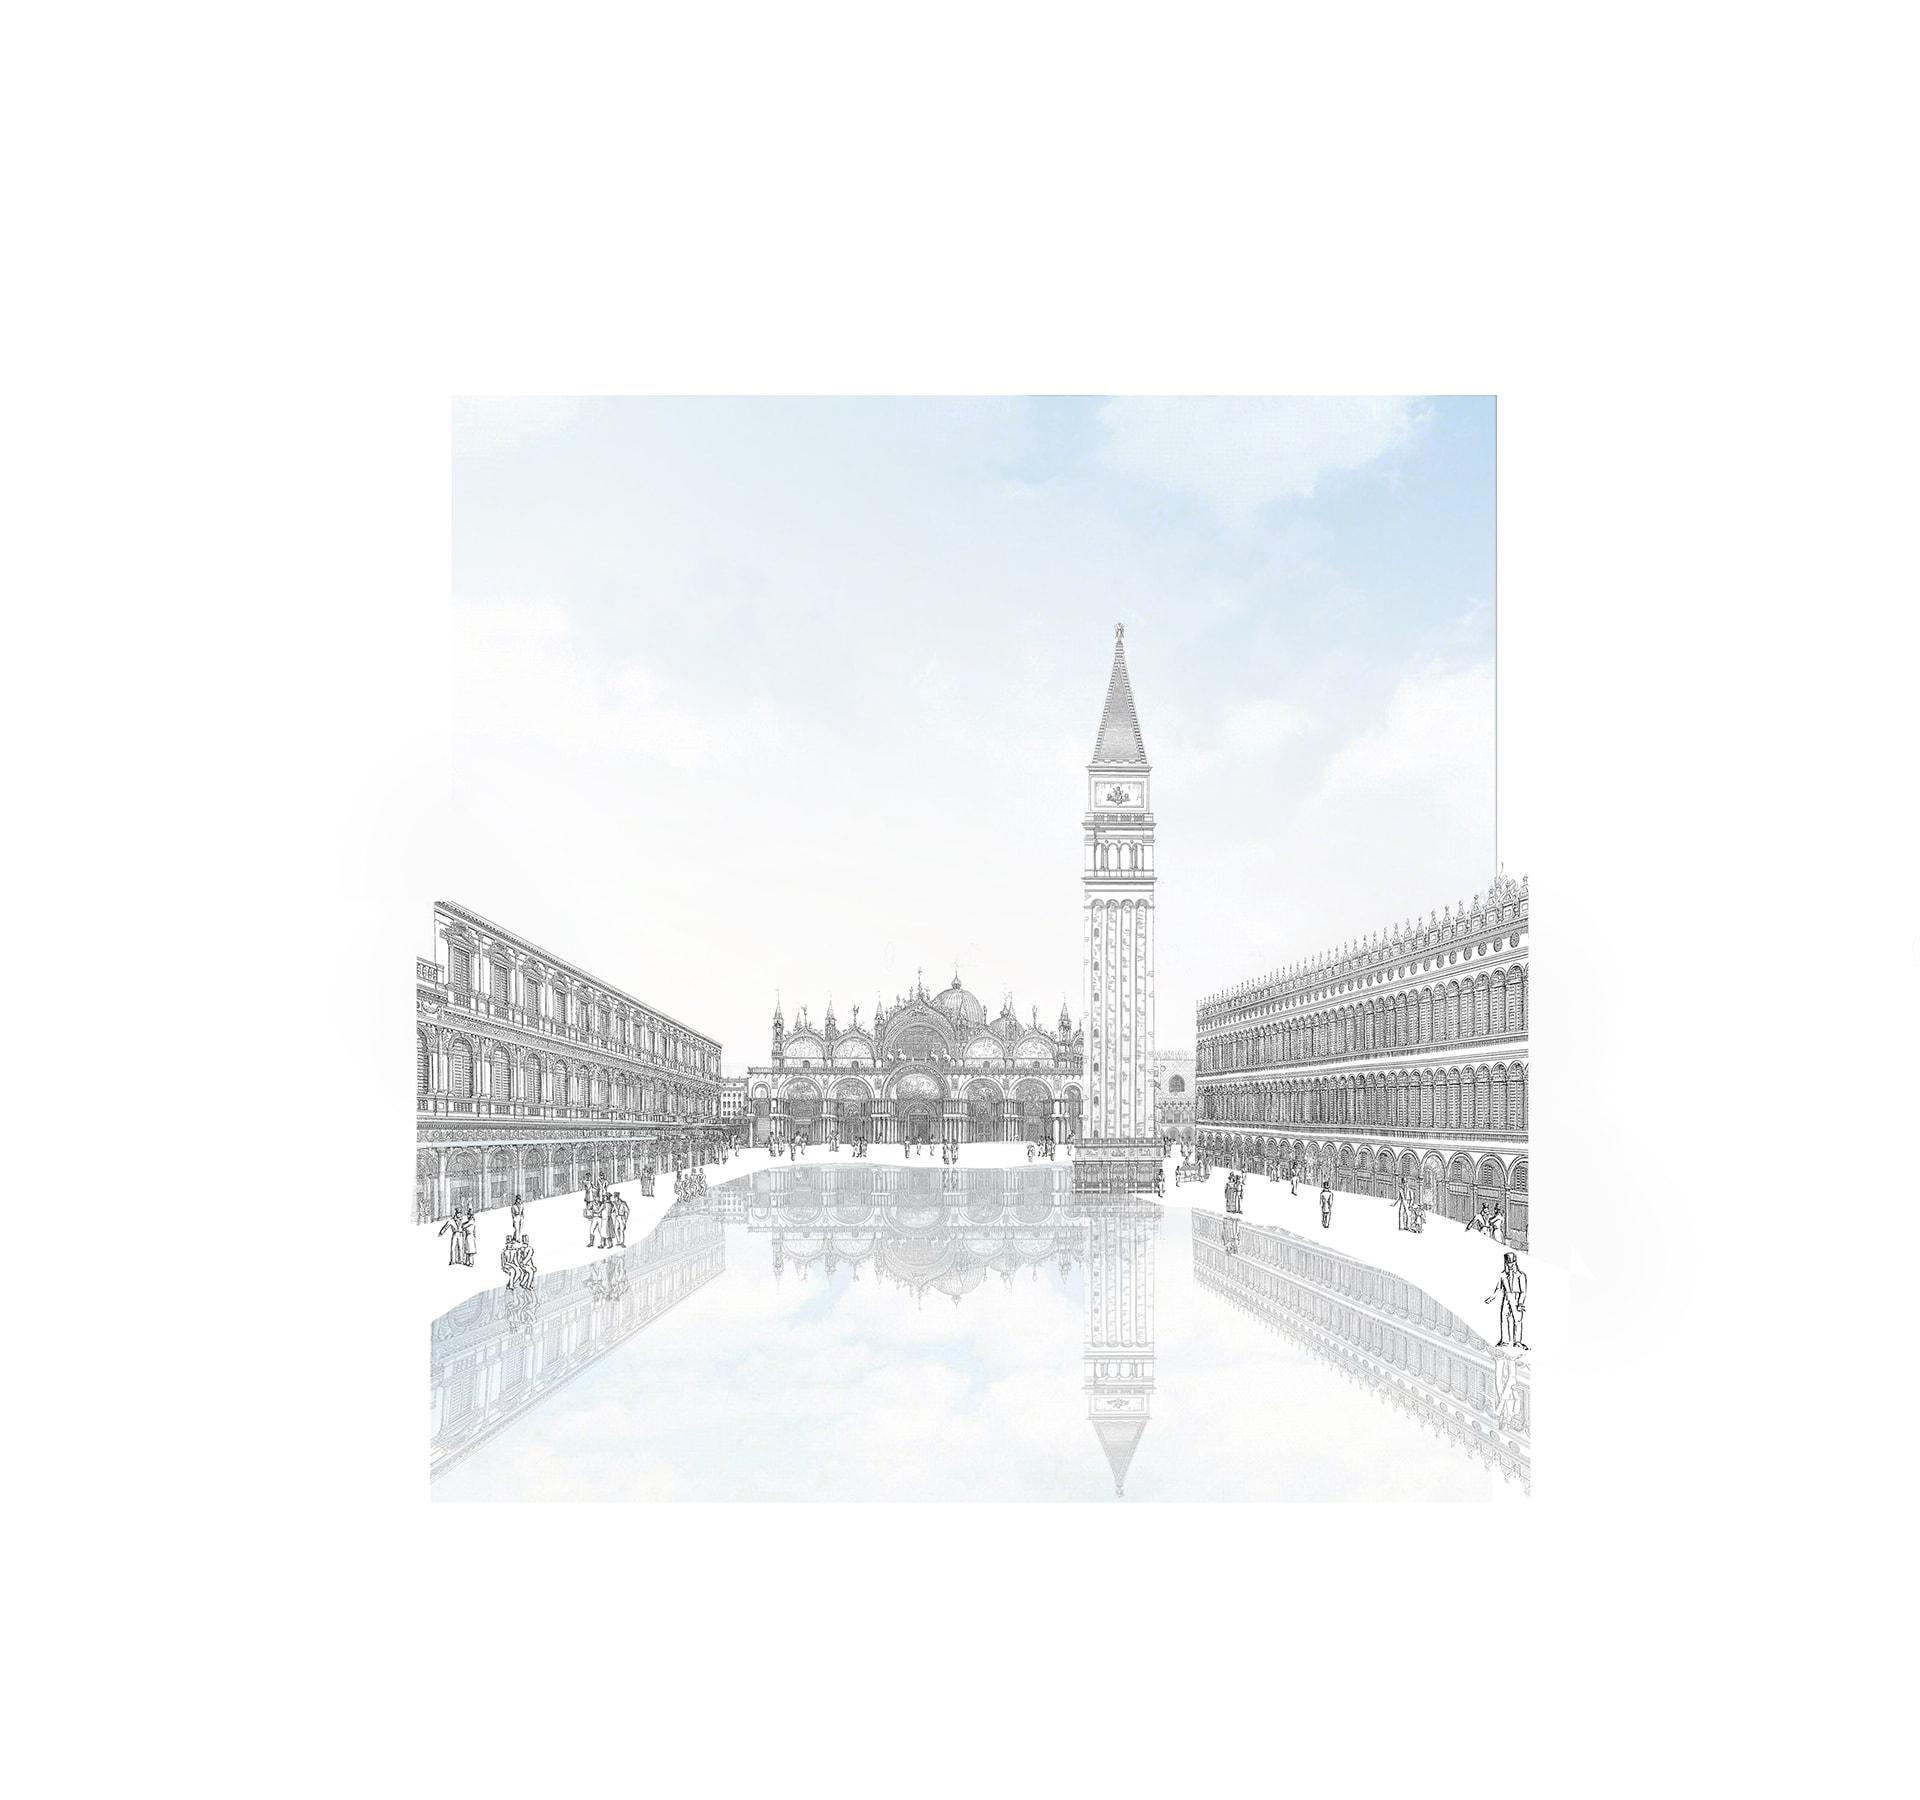 AcquaAlta_BarbaraStallone_architect_SouFujimotoArchitects_11